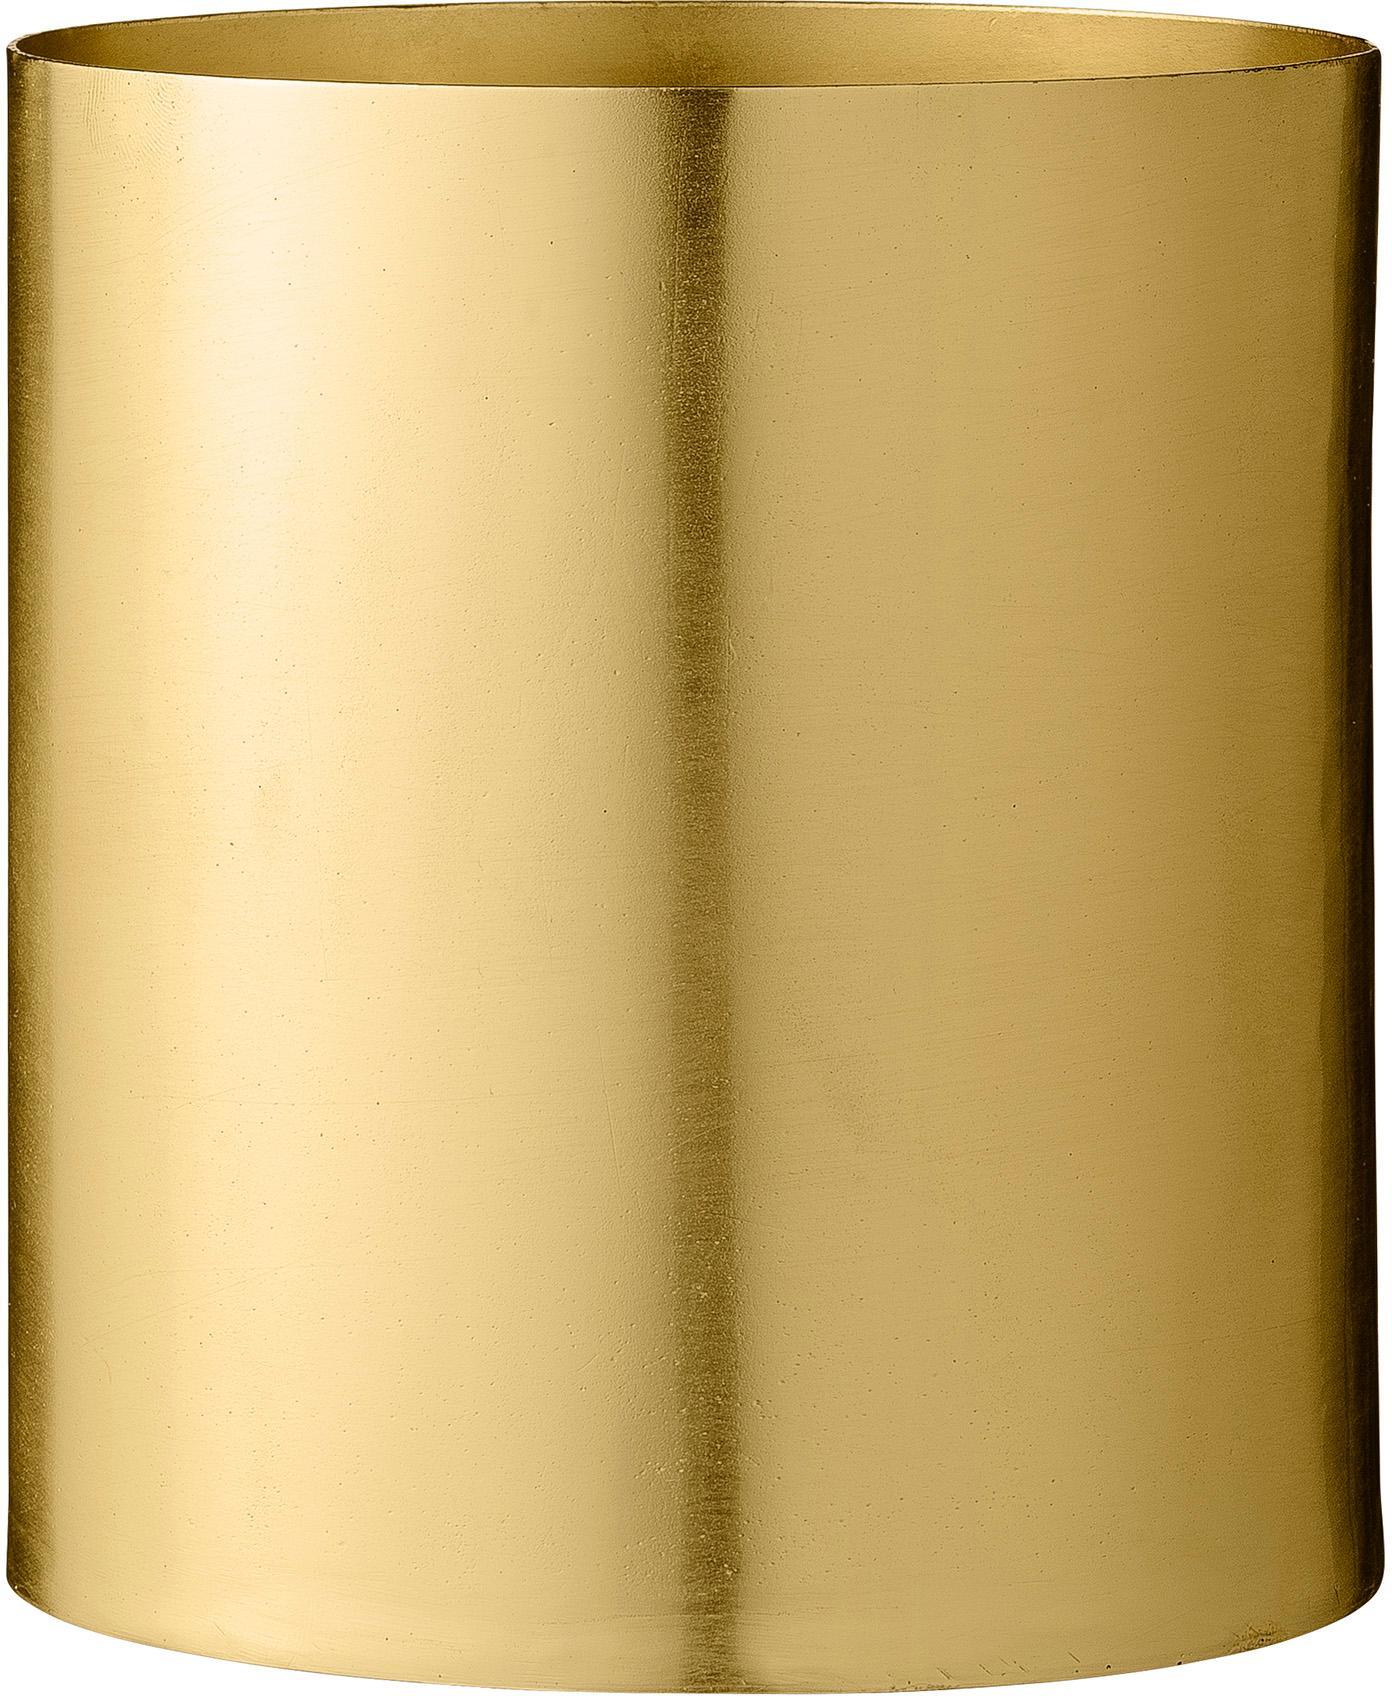 Kleiner Übertopf Sharin aus Metall, Metall, Messing, Ø 13 x H 14 cm